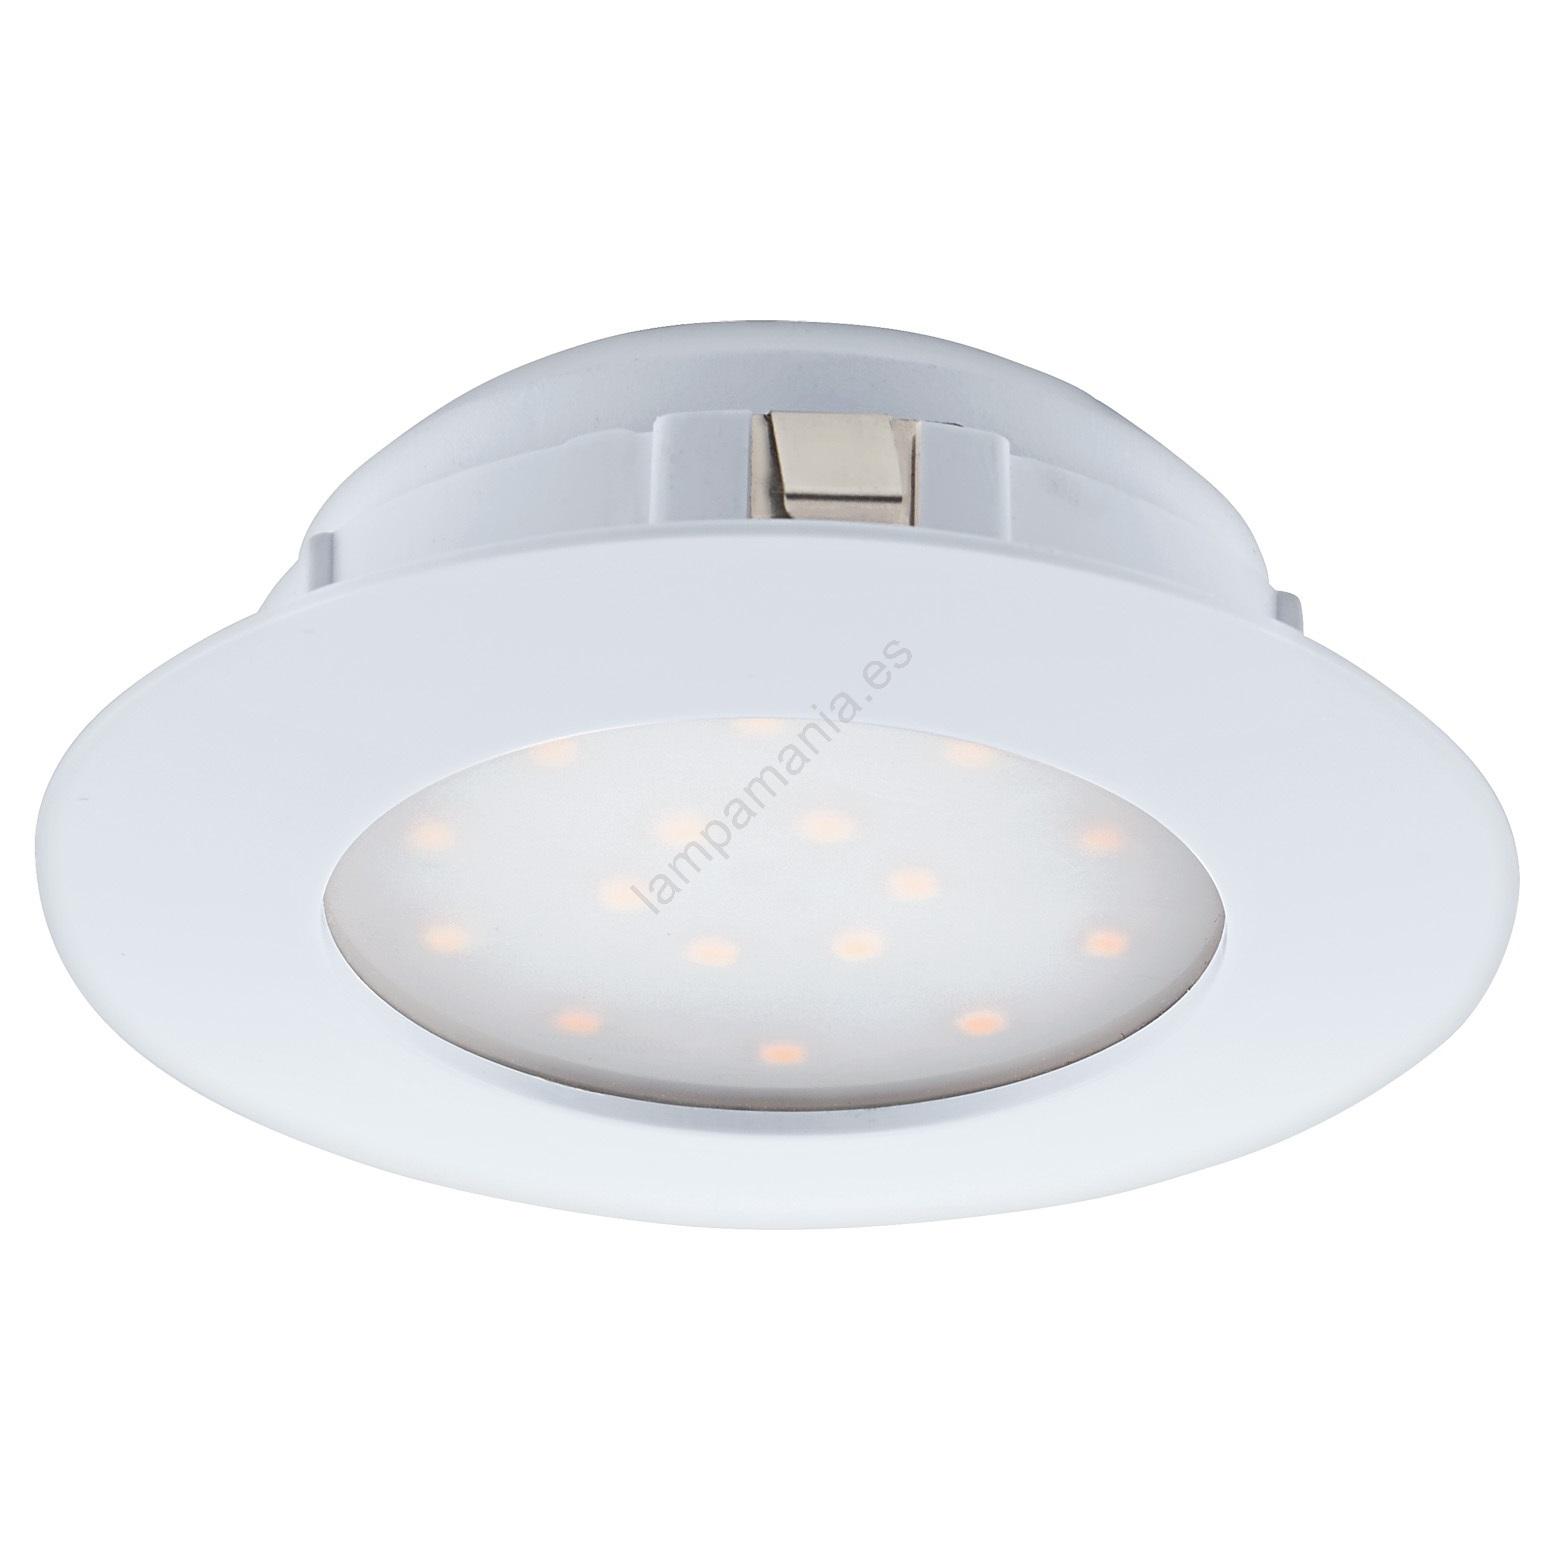 Eglo 95867 Iluminación LED empotrada de techo PINEDA 1xLED12W230V